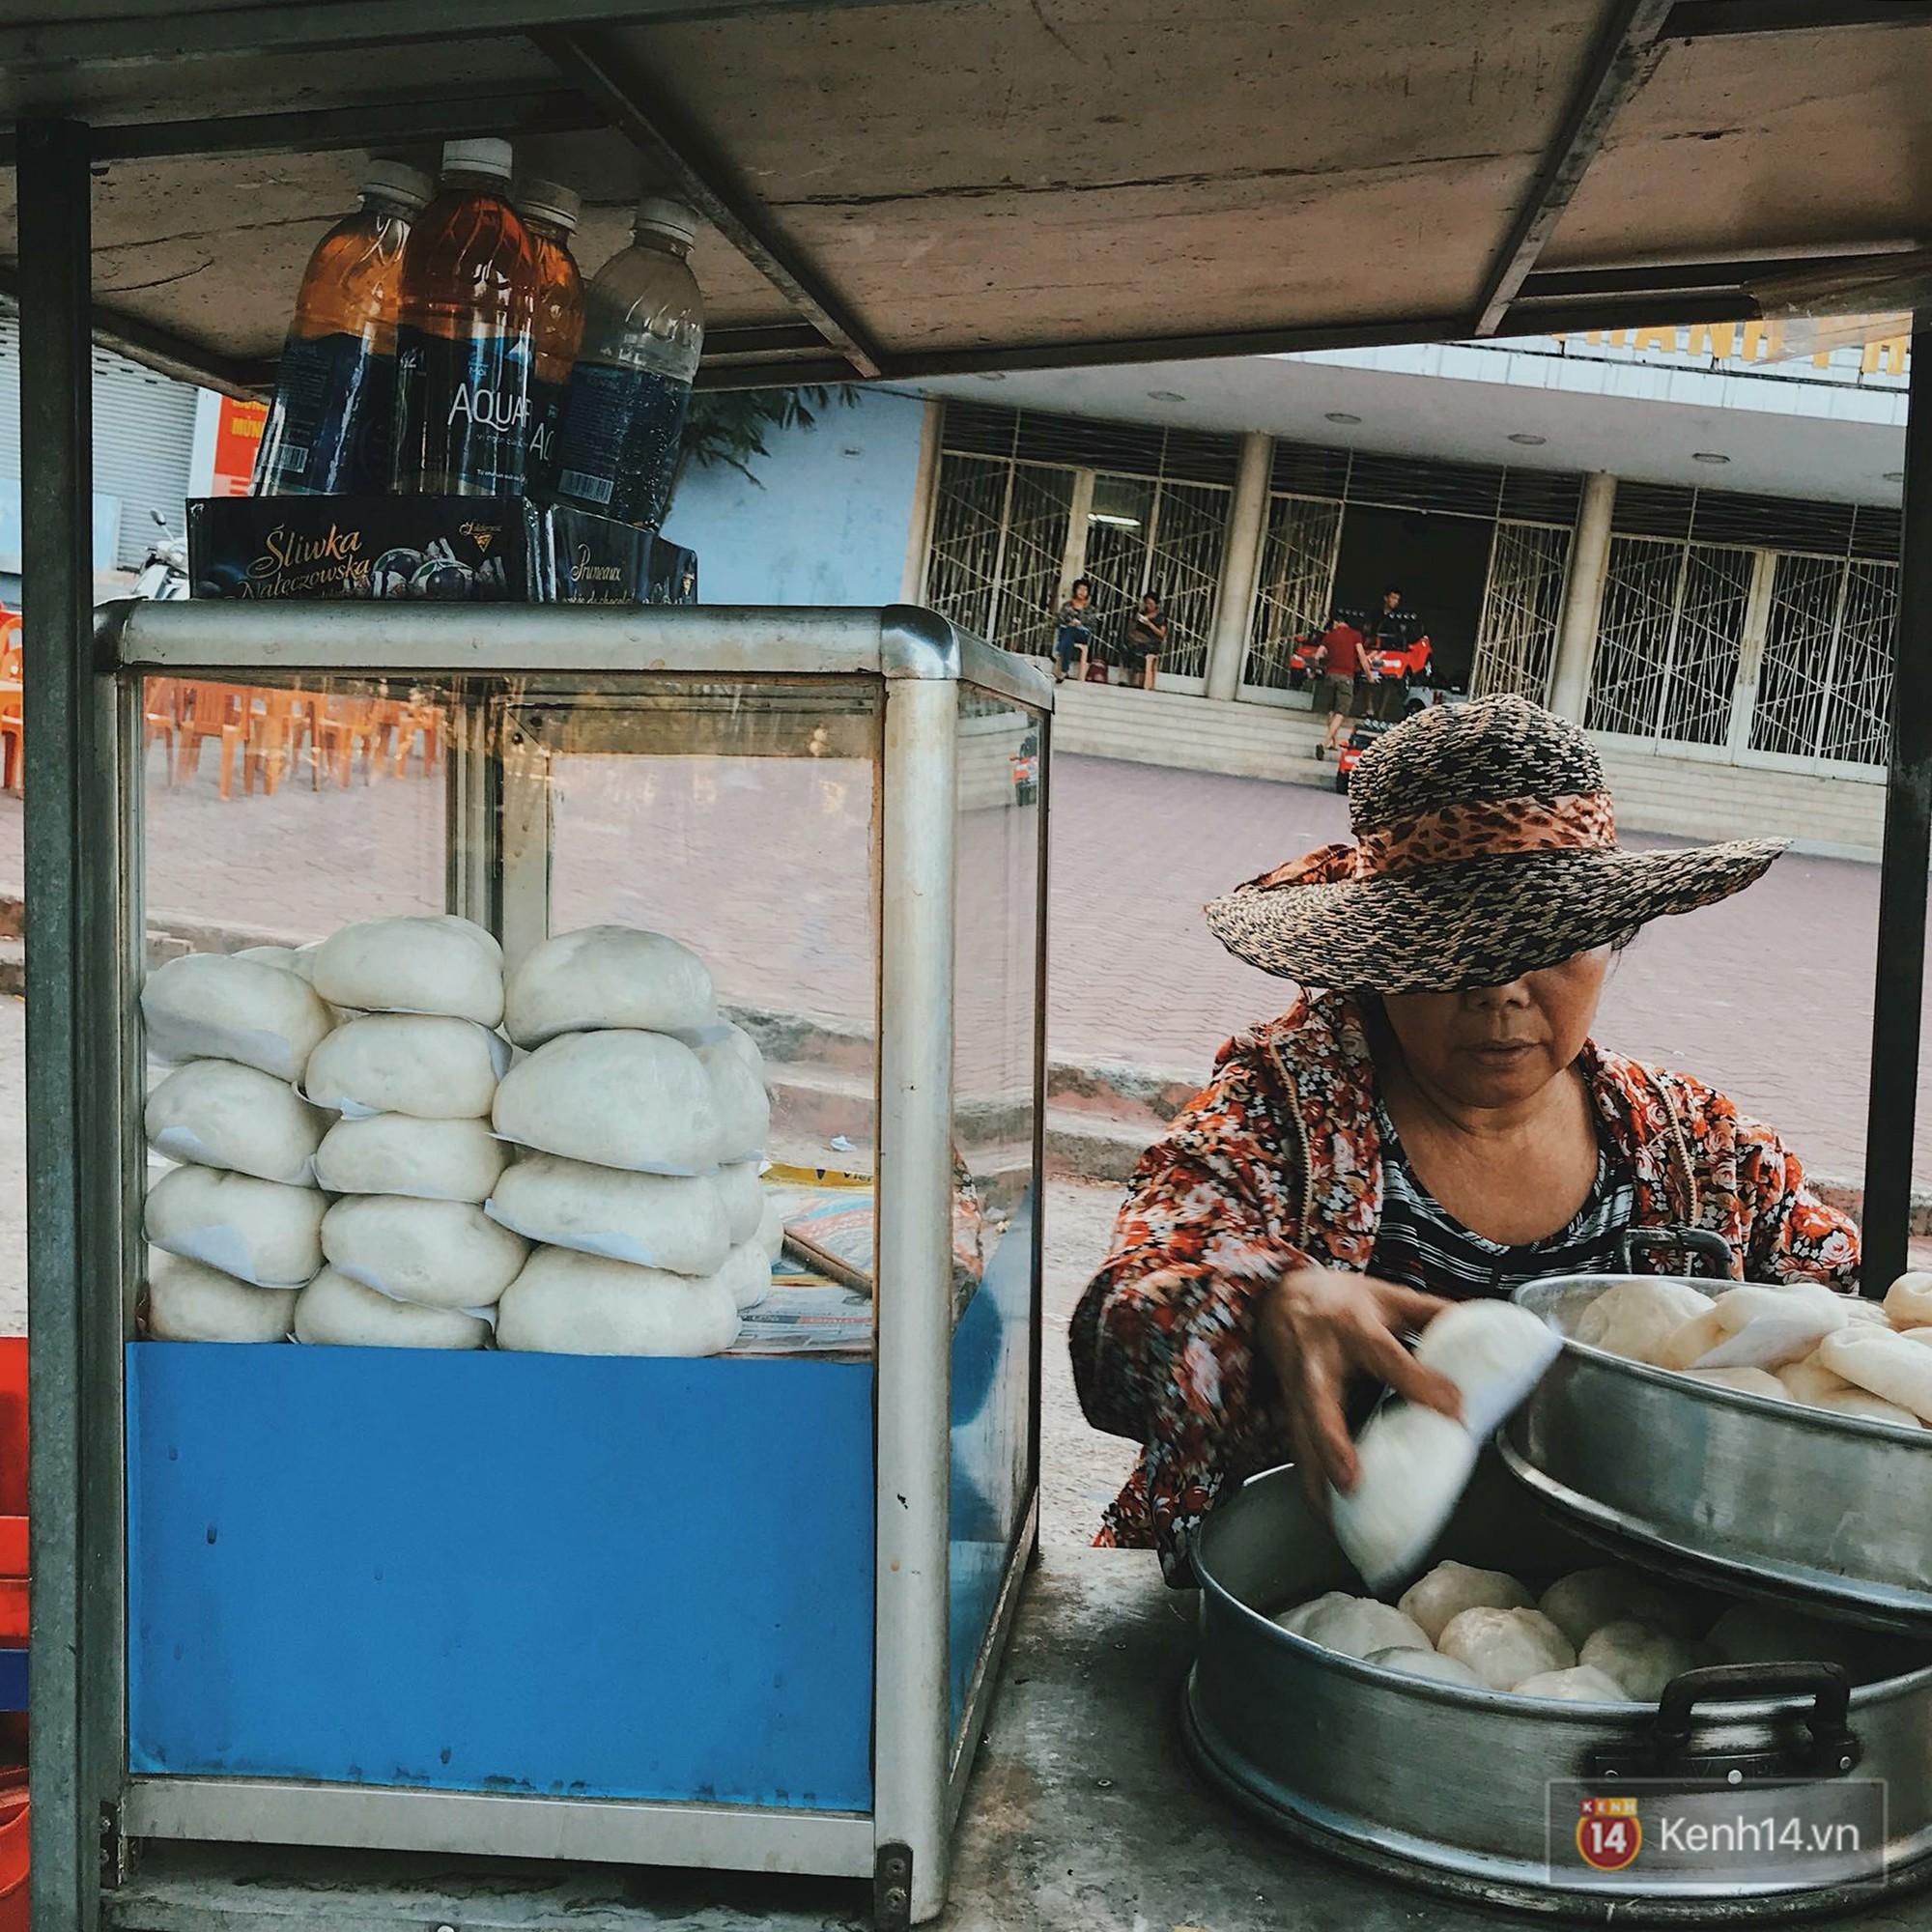 Ở Huế còn có cả món bánh bao nhân su su và chả quế rất lạ nữa này - Ảnh 2.